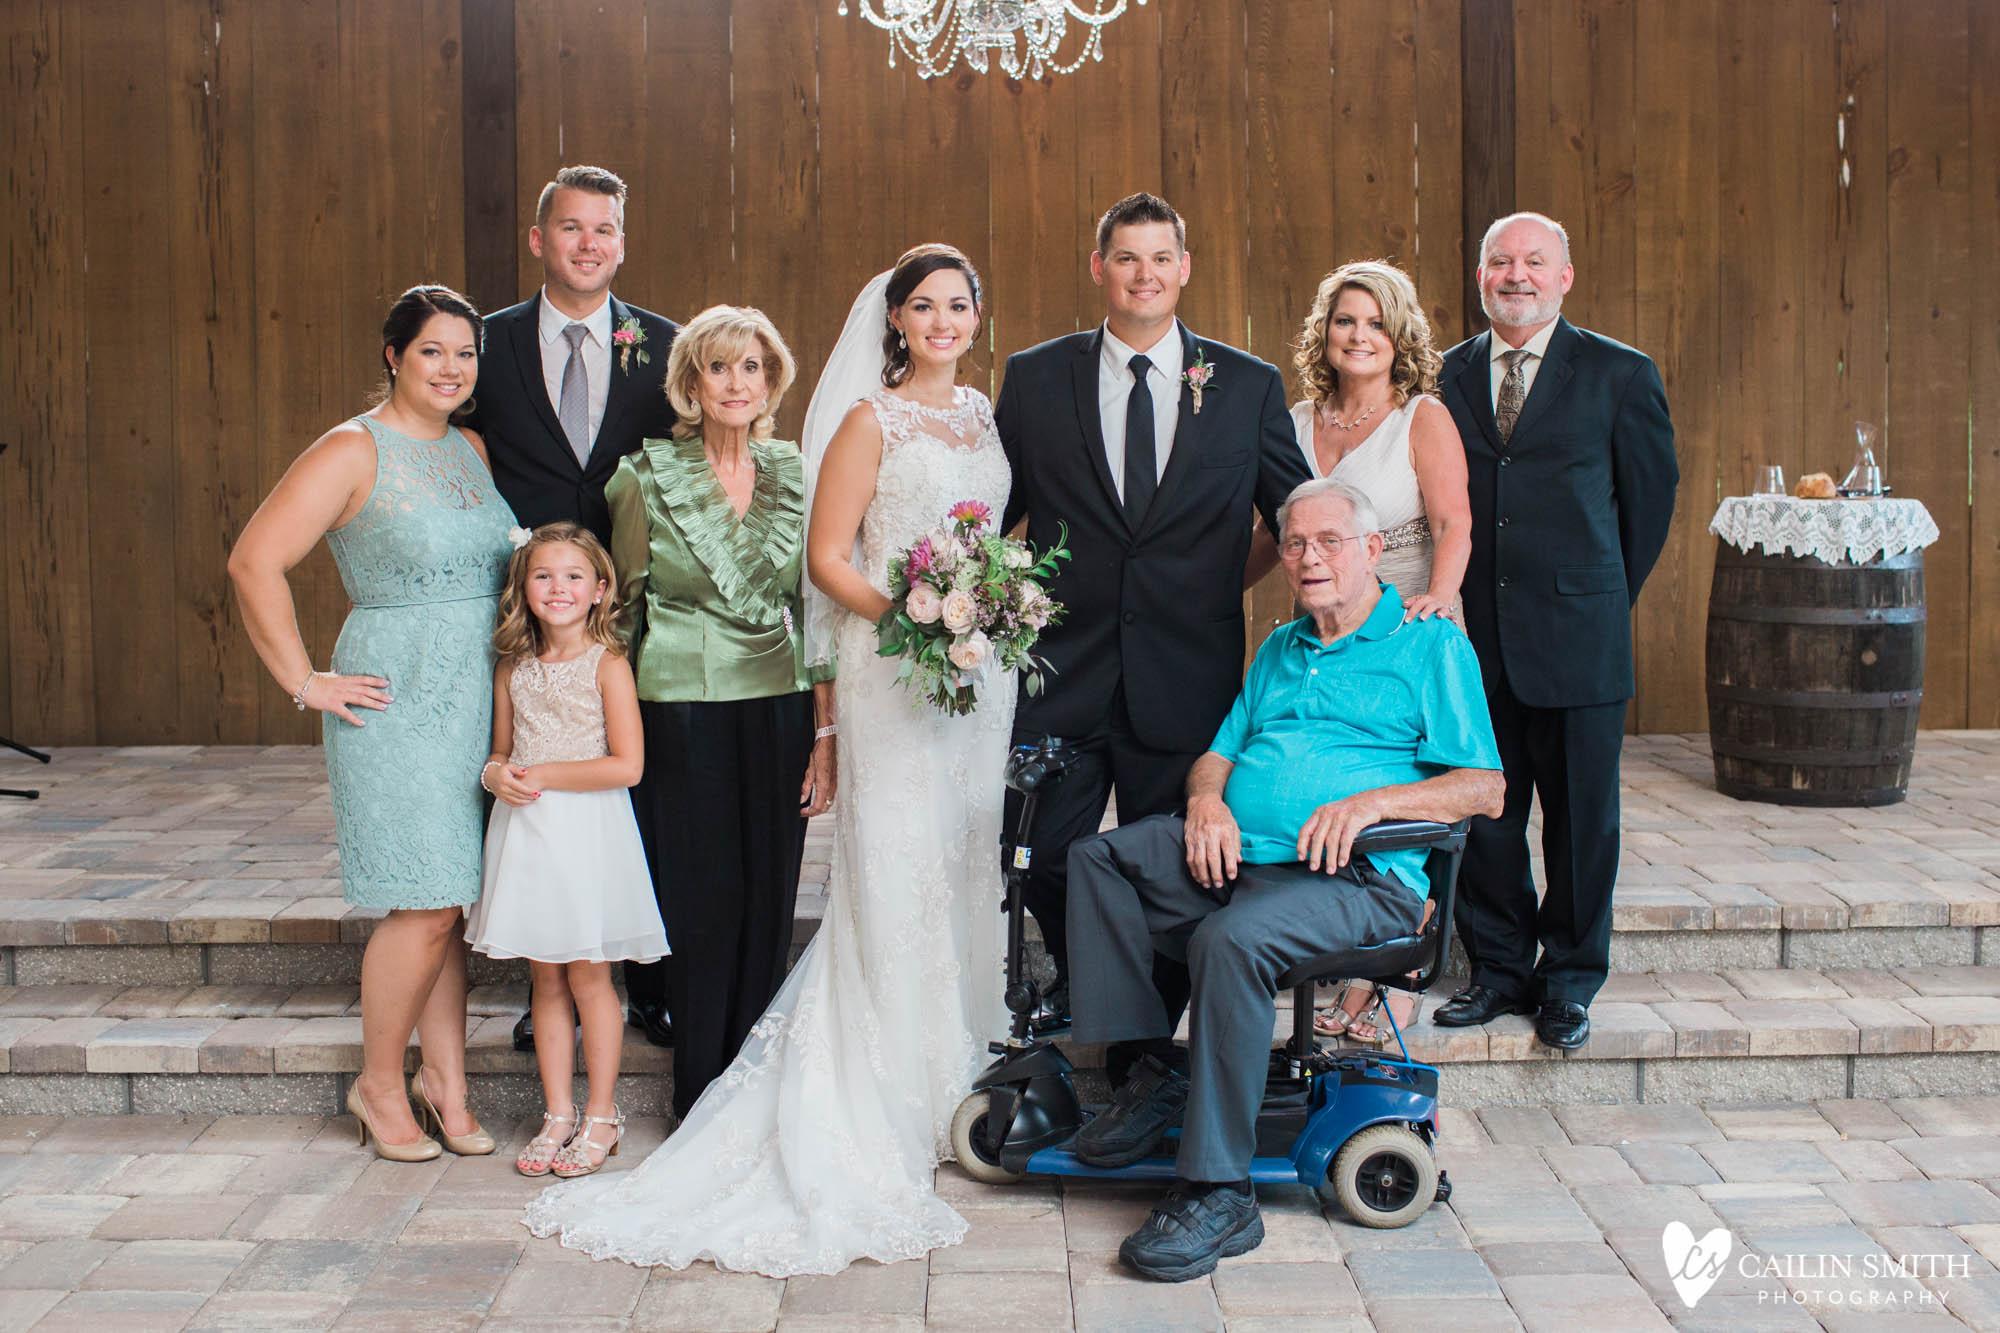 Bethany_Kyle_Bowing_Oaks_Plantation_Wedding_Photography_0078.jpg